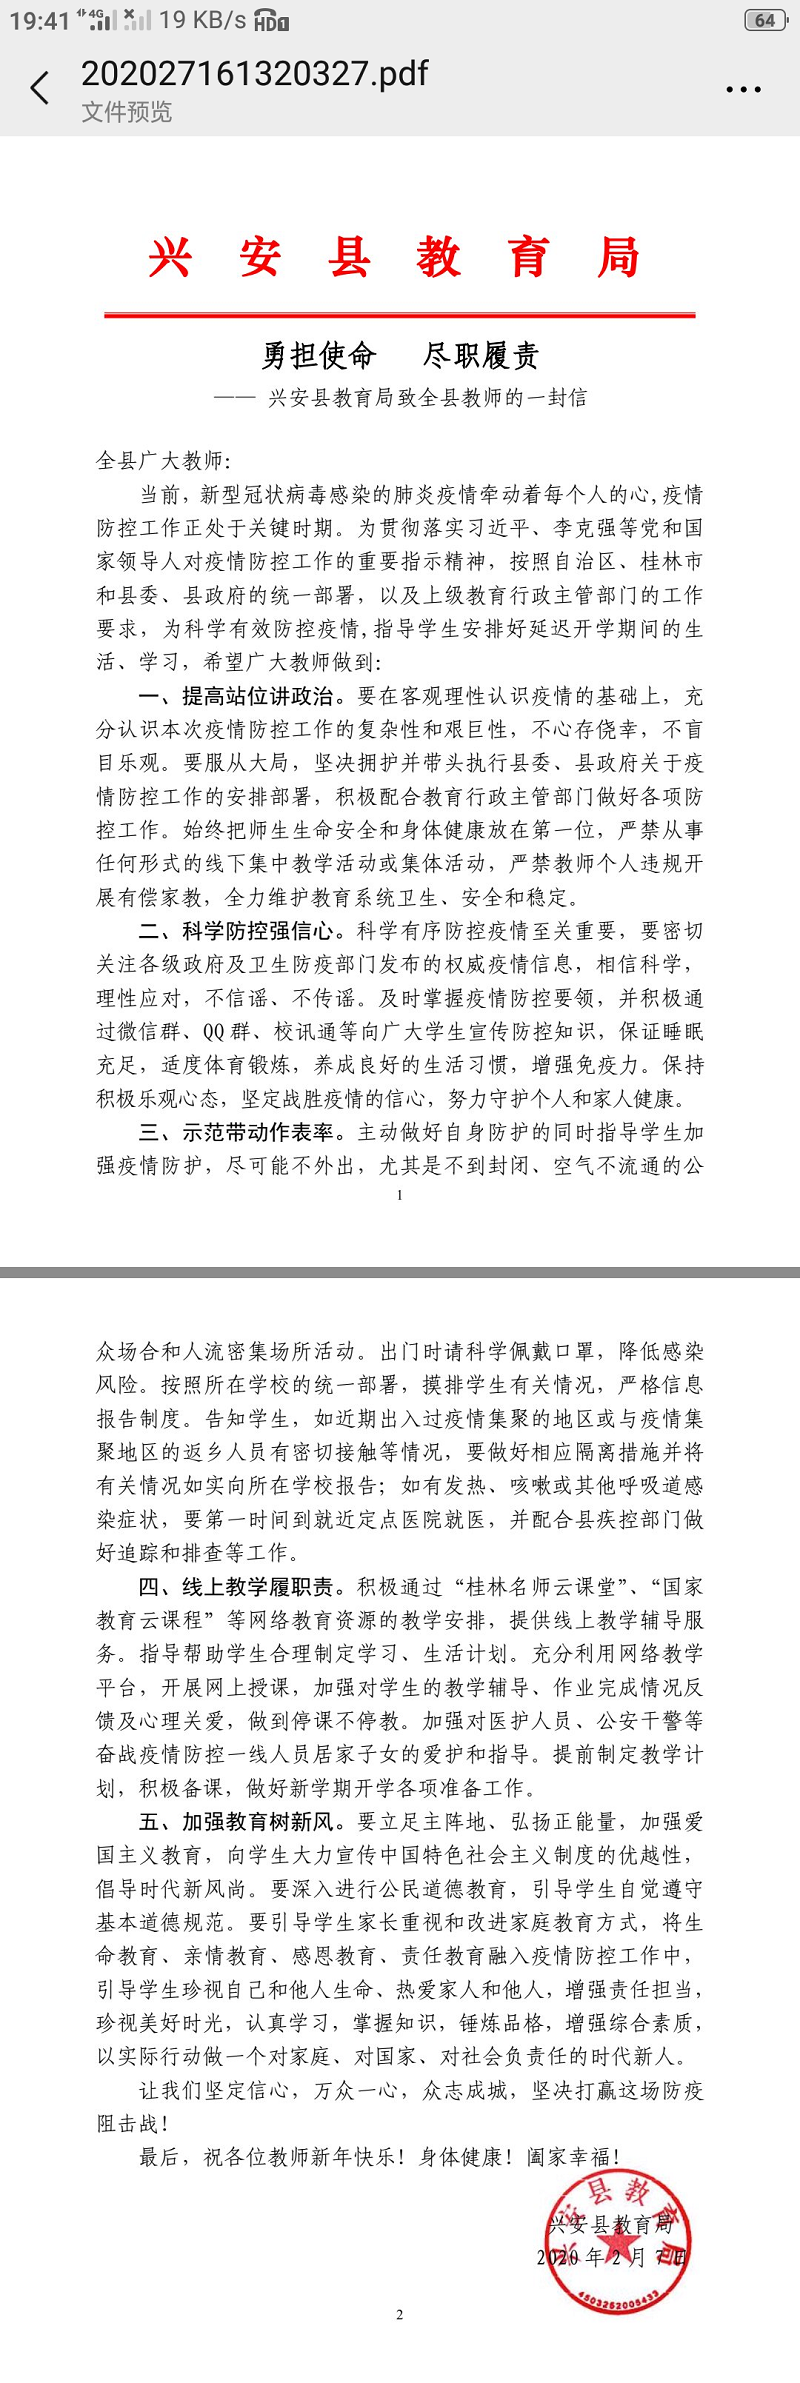 勇担使命 尽职履责 —— 兴安县教育局致全县教师的一封信